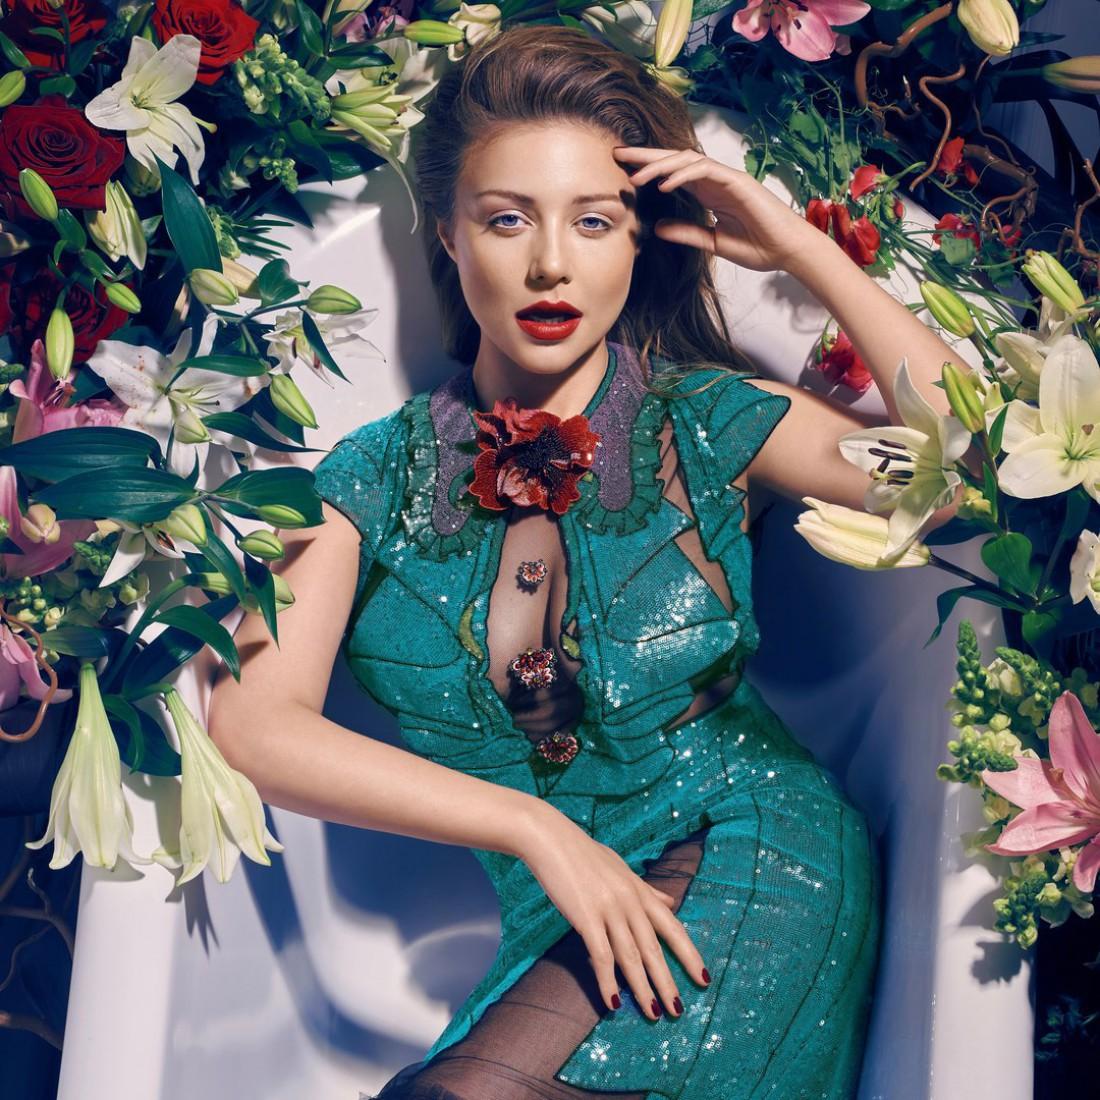 Эстрадной певице Тине Кароль хотят присвоить звание «Народной артистки Украины»